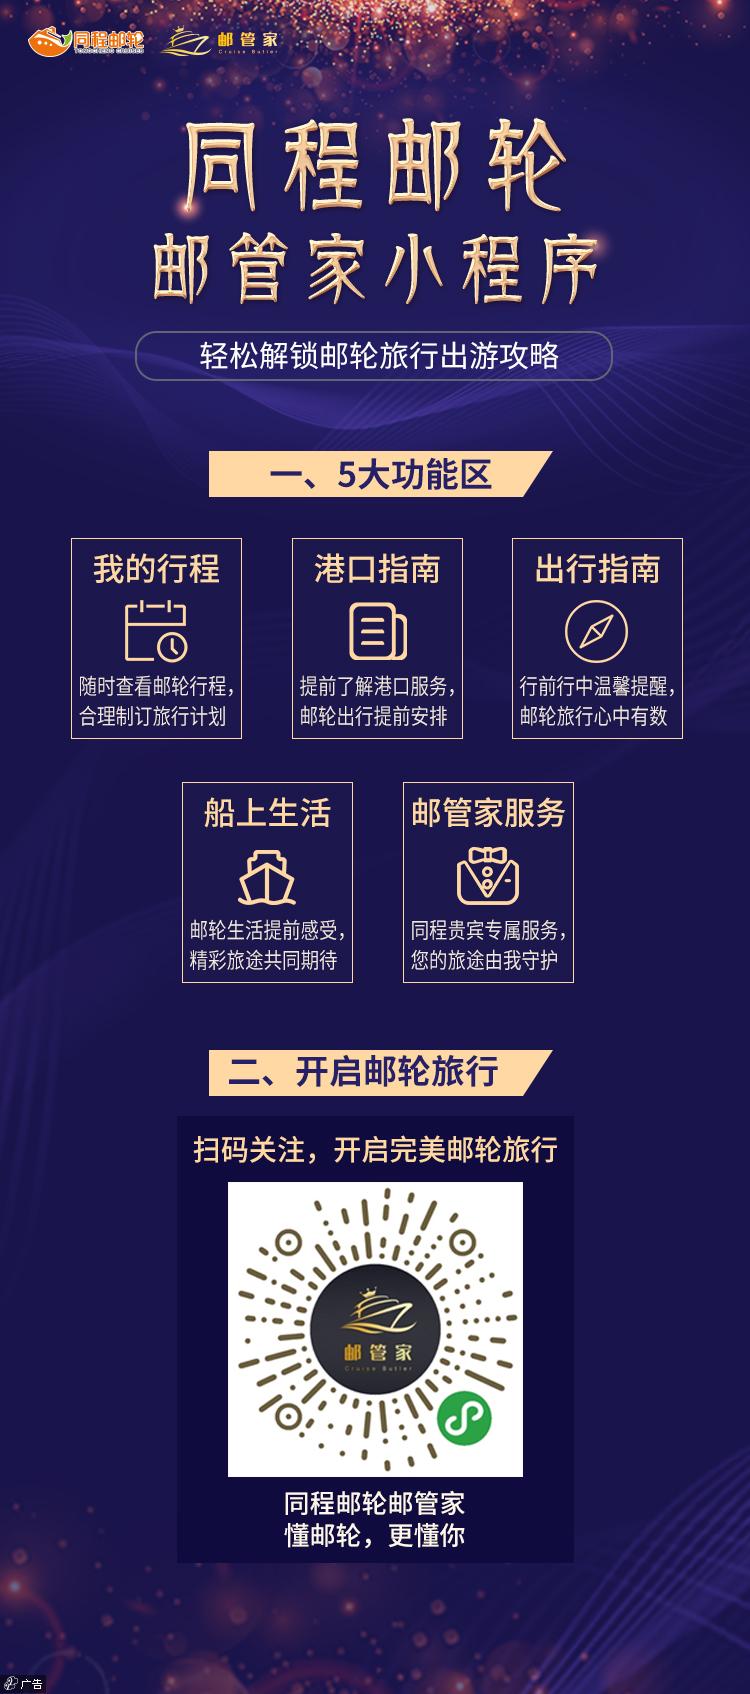 同程邮管家小程序微信常规海报.jpg